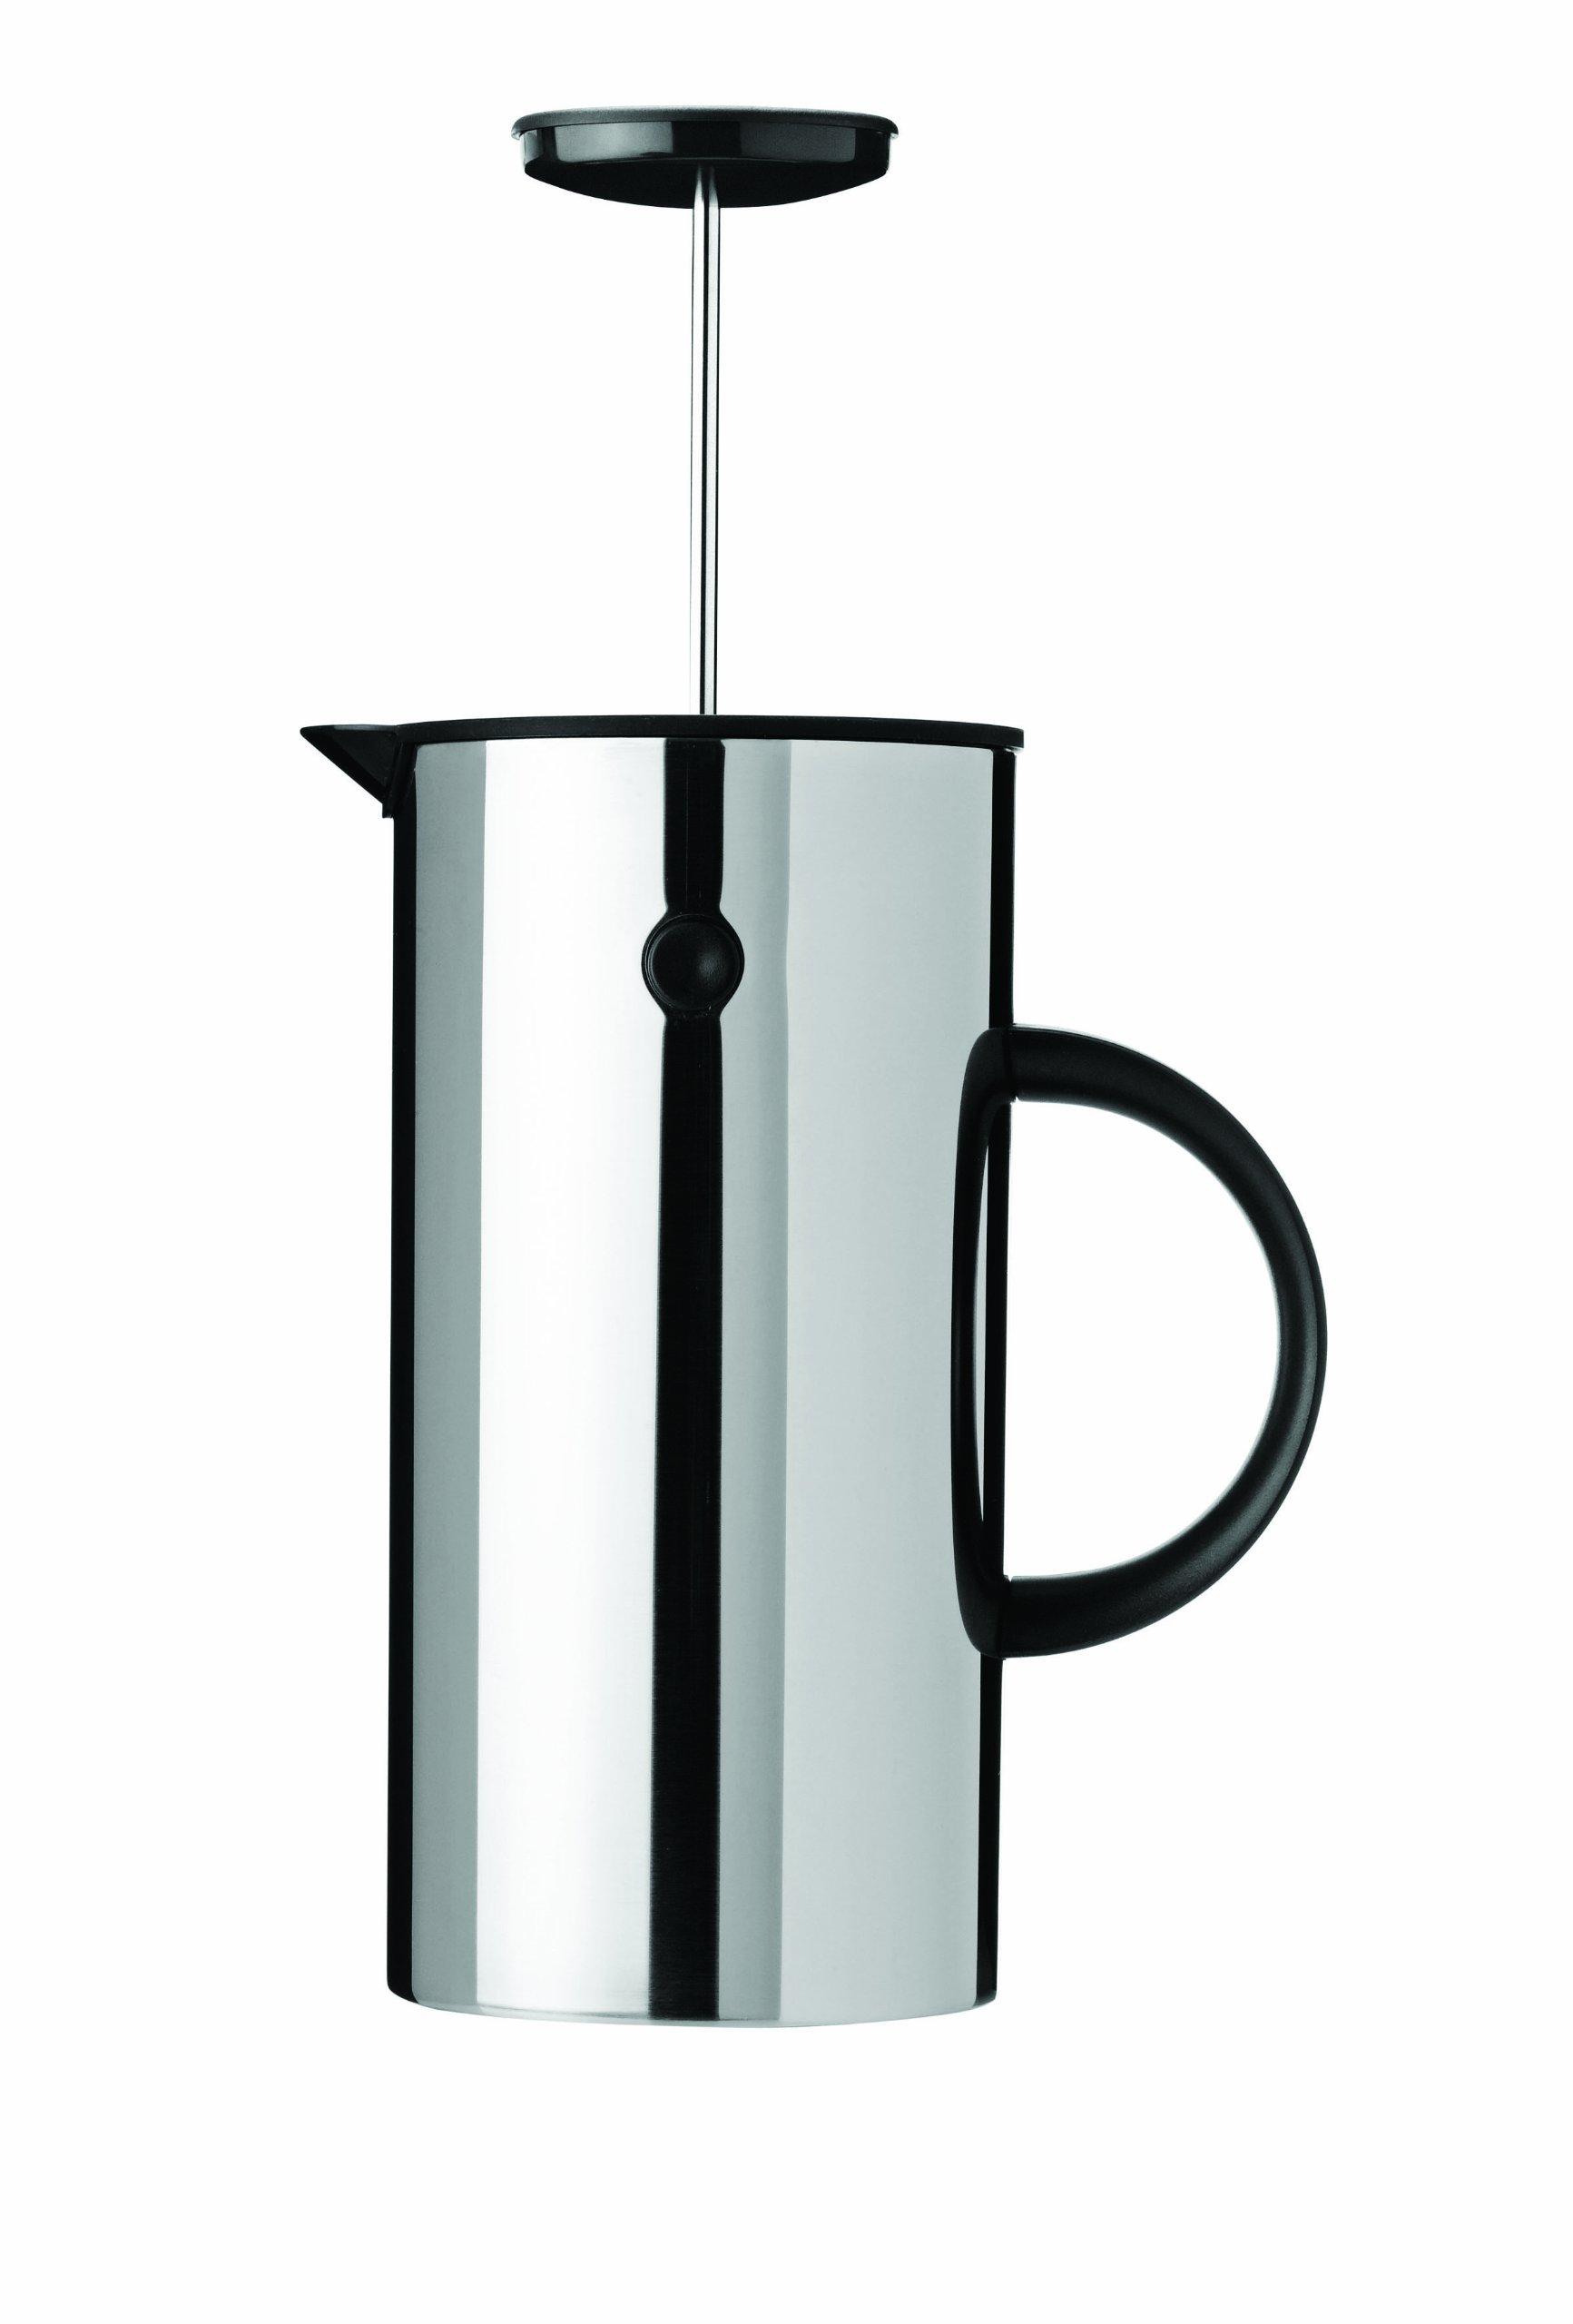 Stelton EM Press Coffee Maker, 8 cups, steel by Stelton